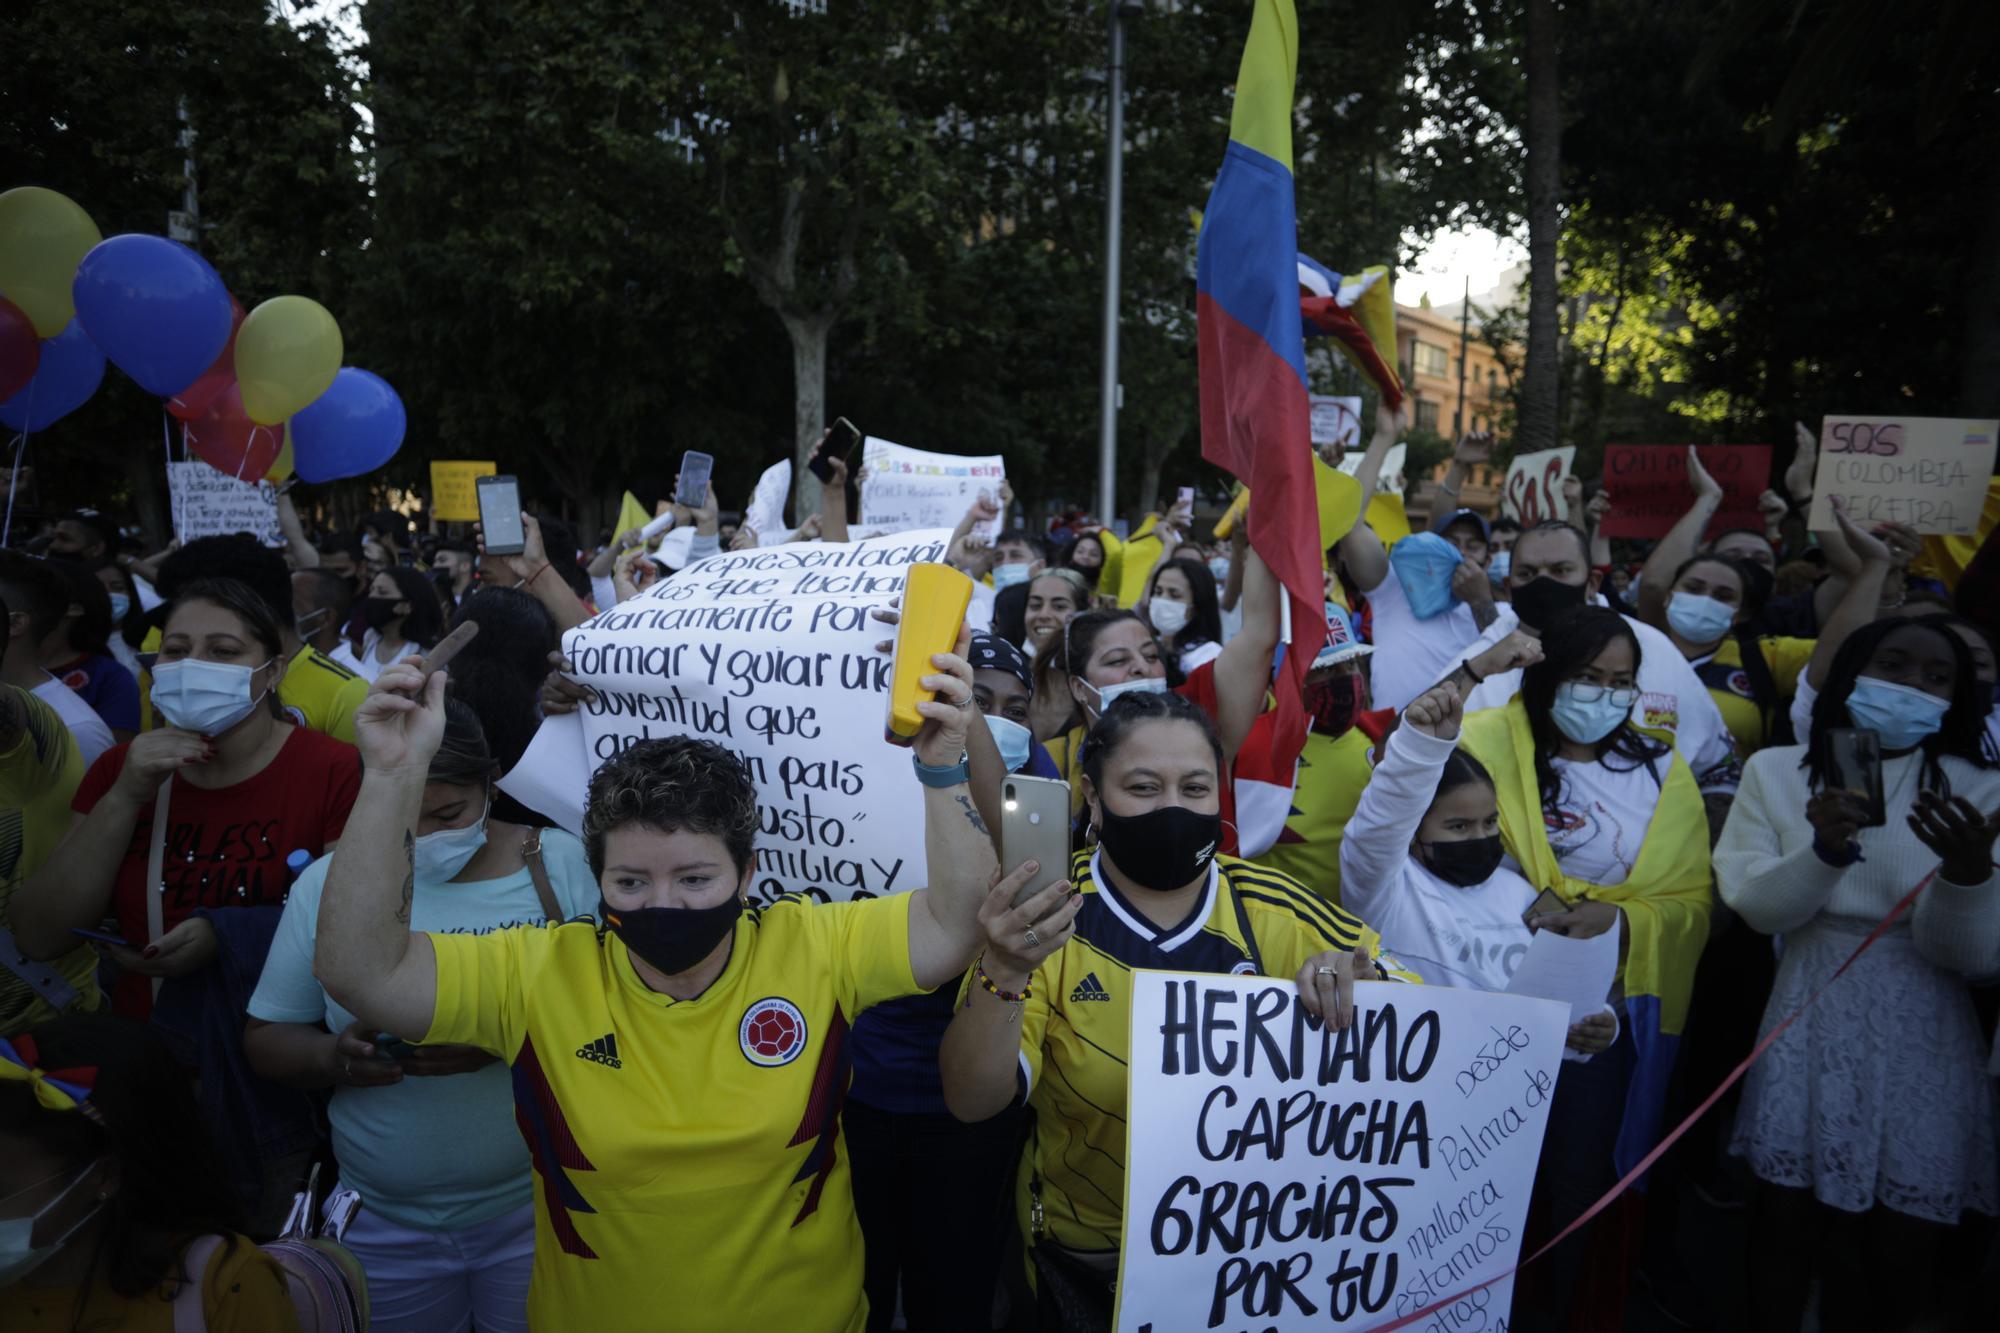 Más de 500 personas se manifiestan en Palma por la libertad de Colombia